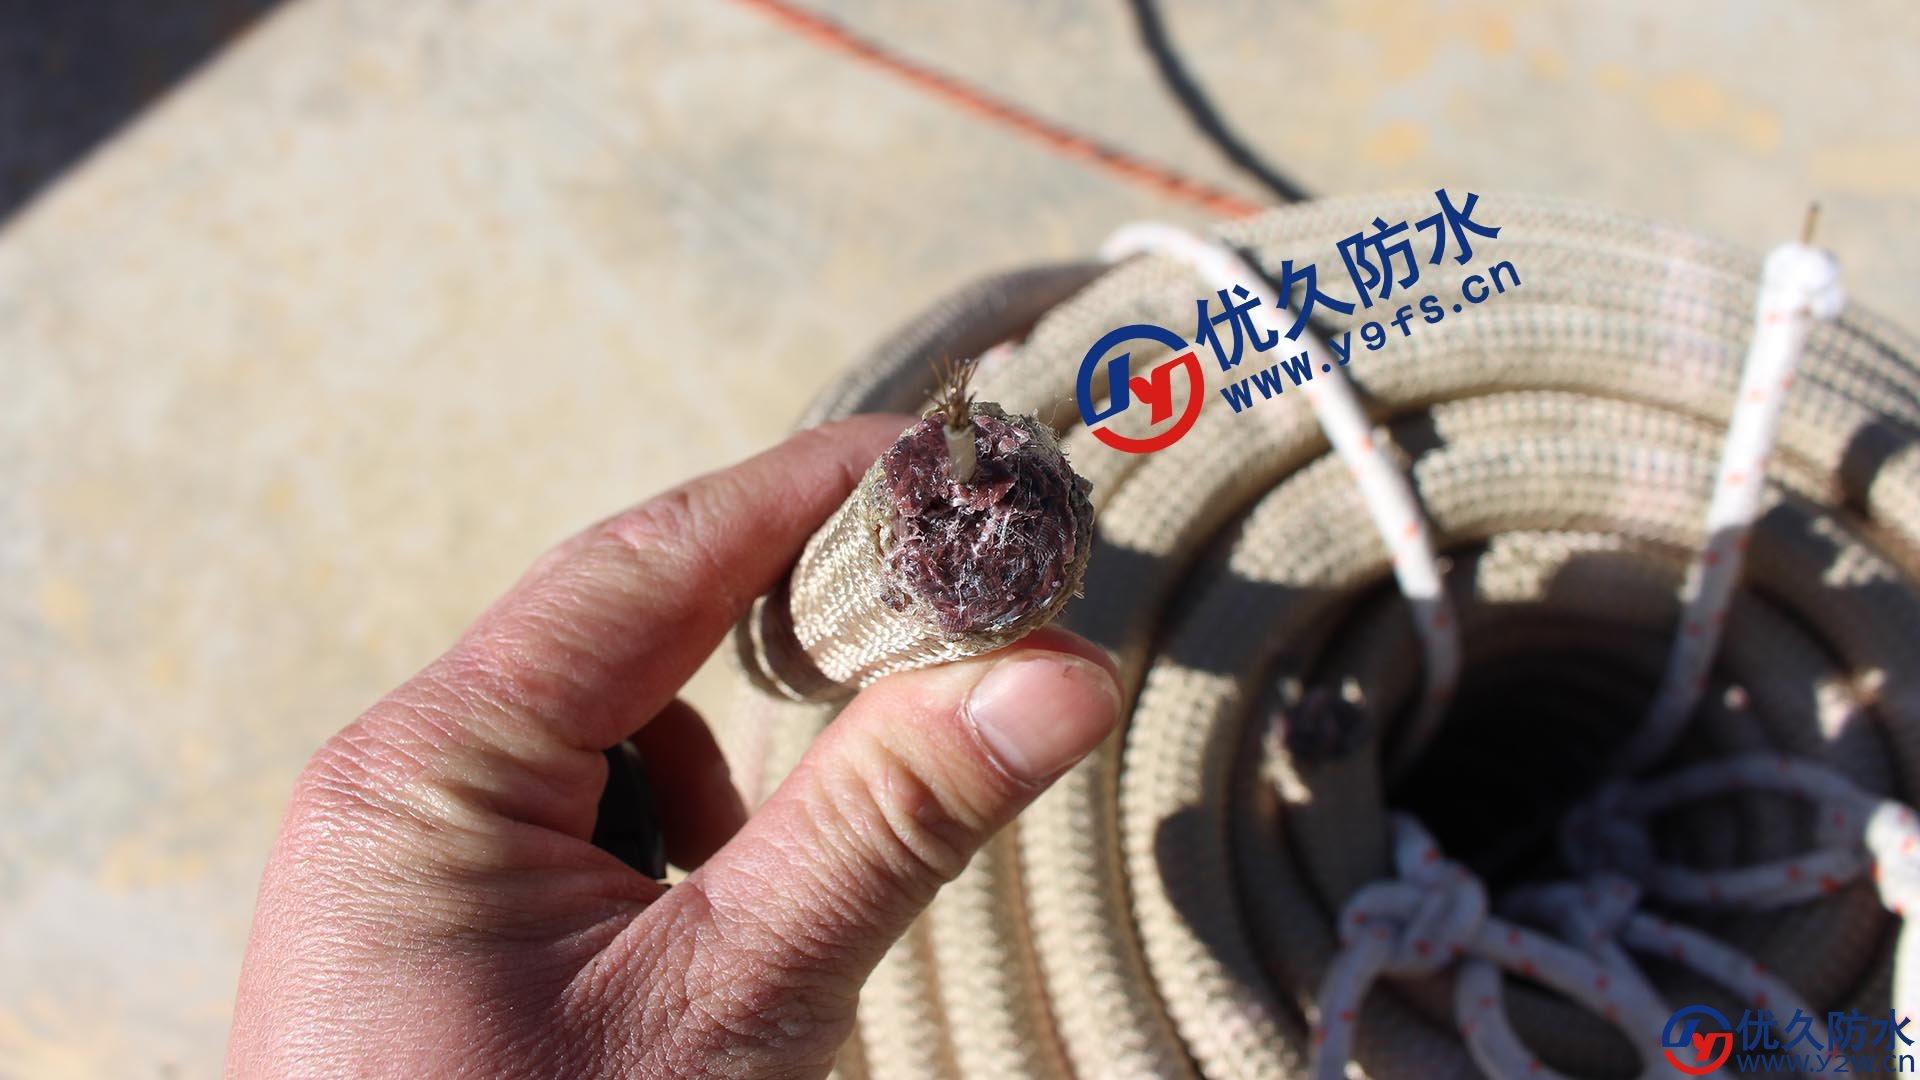 安全绳必须是锦纶绳,且必须满足直径1.8厘米以上